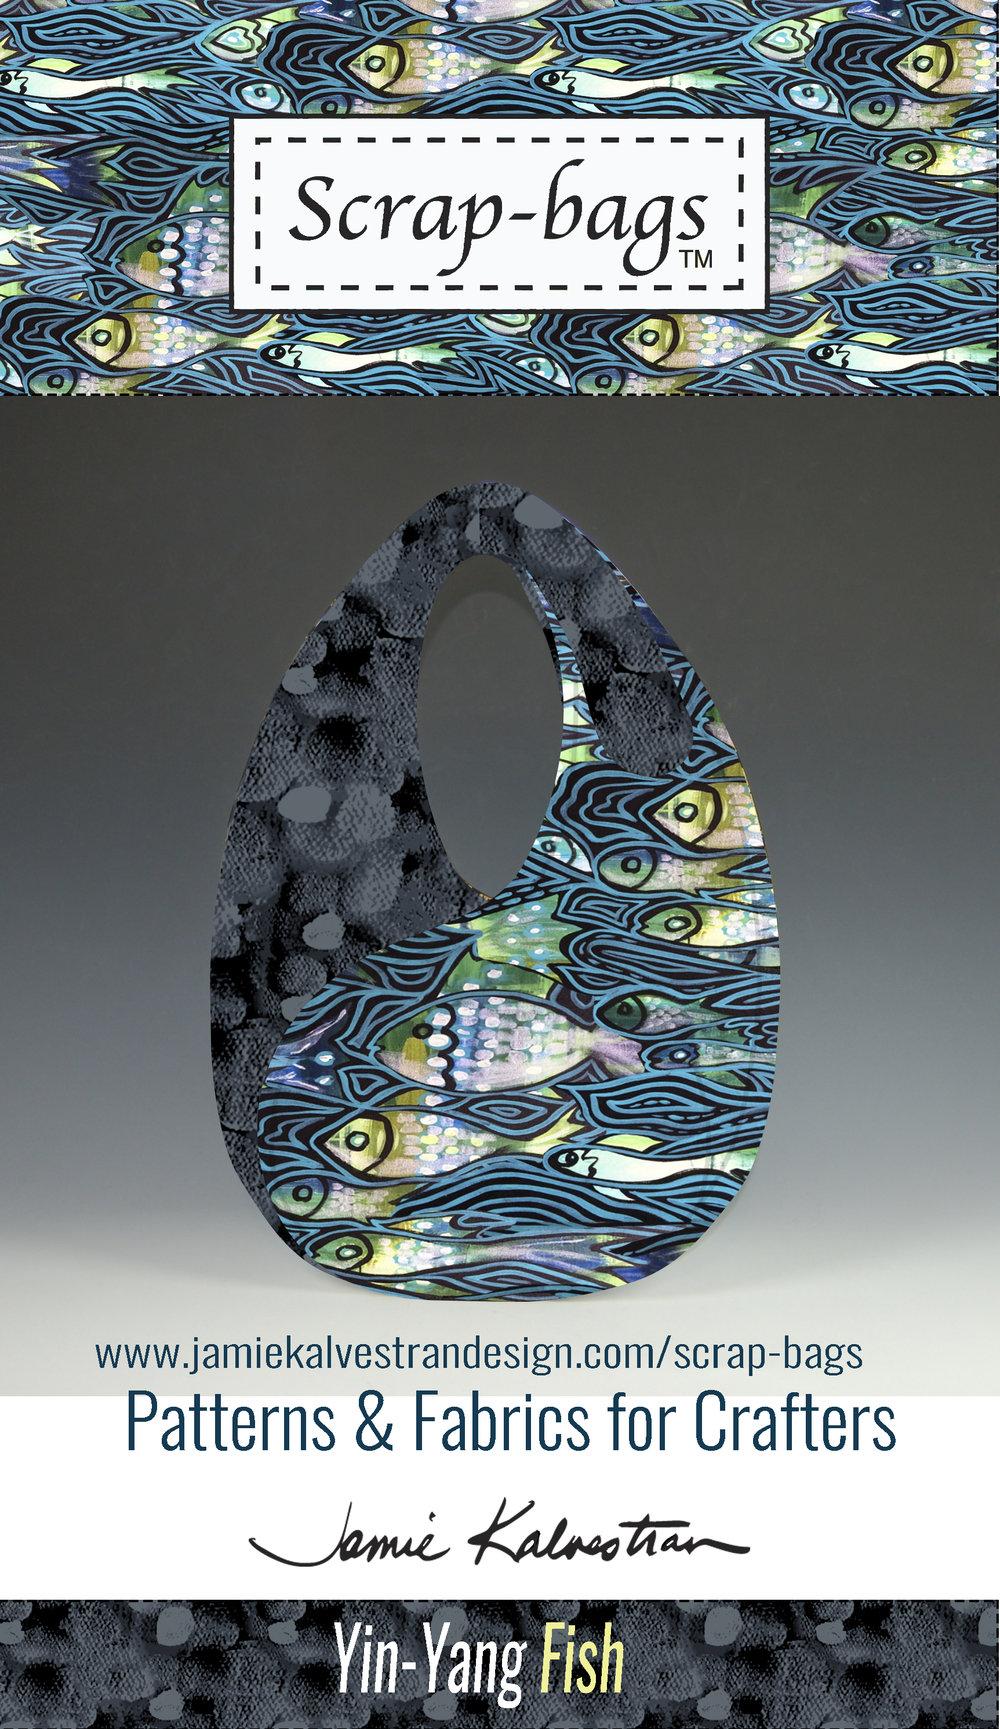 YinYang_Fish_Jamie_Kalvestran_Scrap-bags-V.jpg